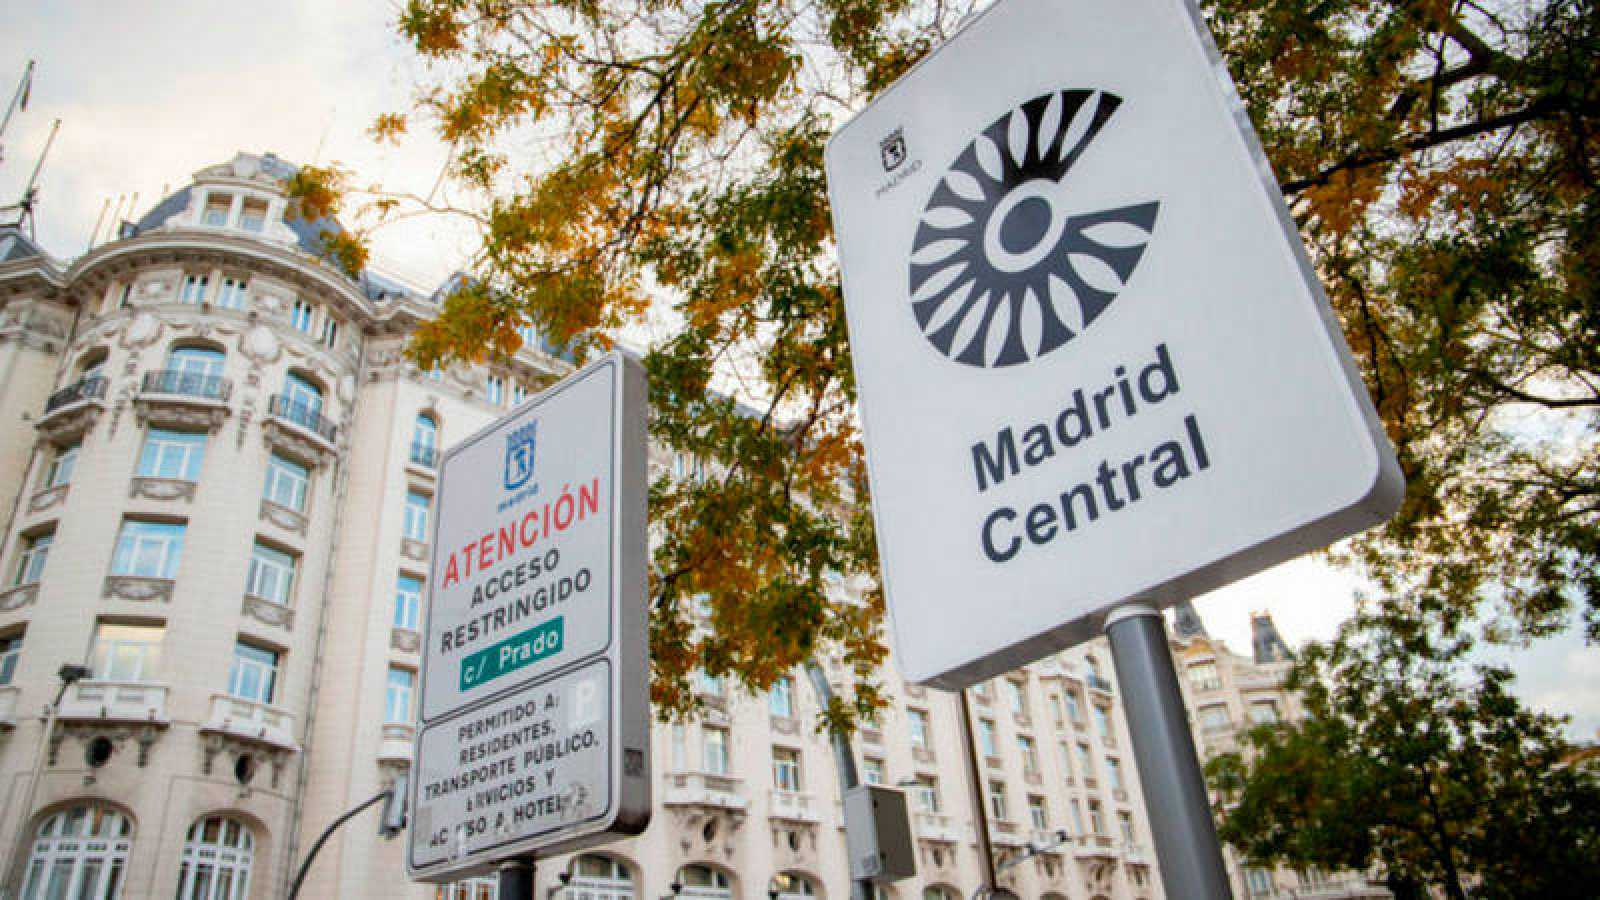 Cartel de señalización de entrada al perímetro de Madrid Central